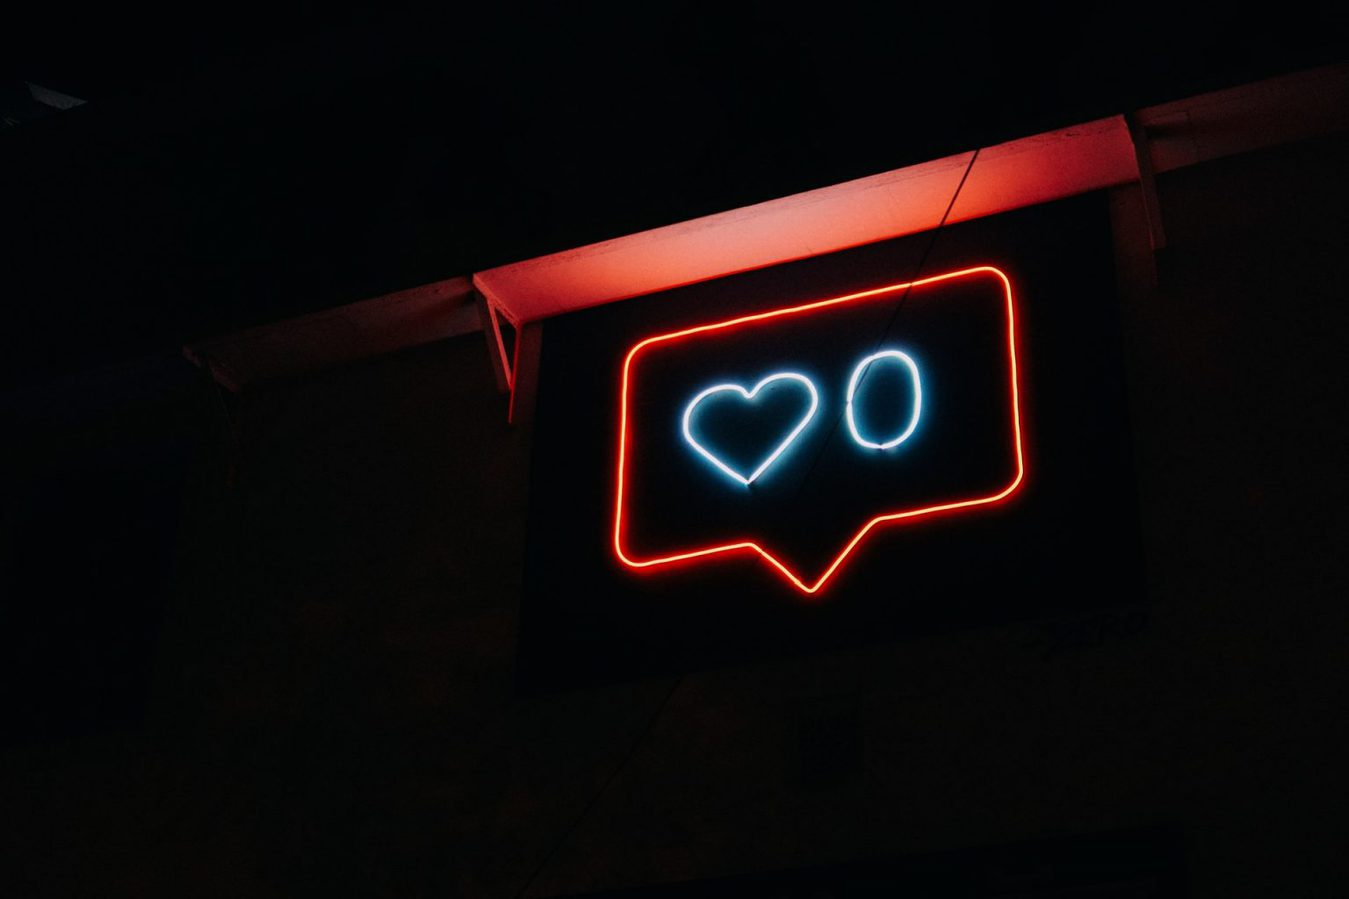 Uma placa mostrando um coração sobre fundo preto